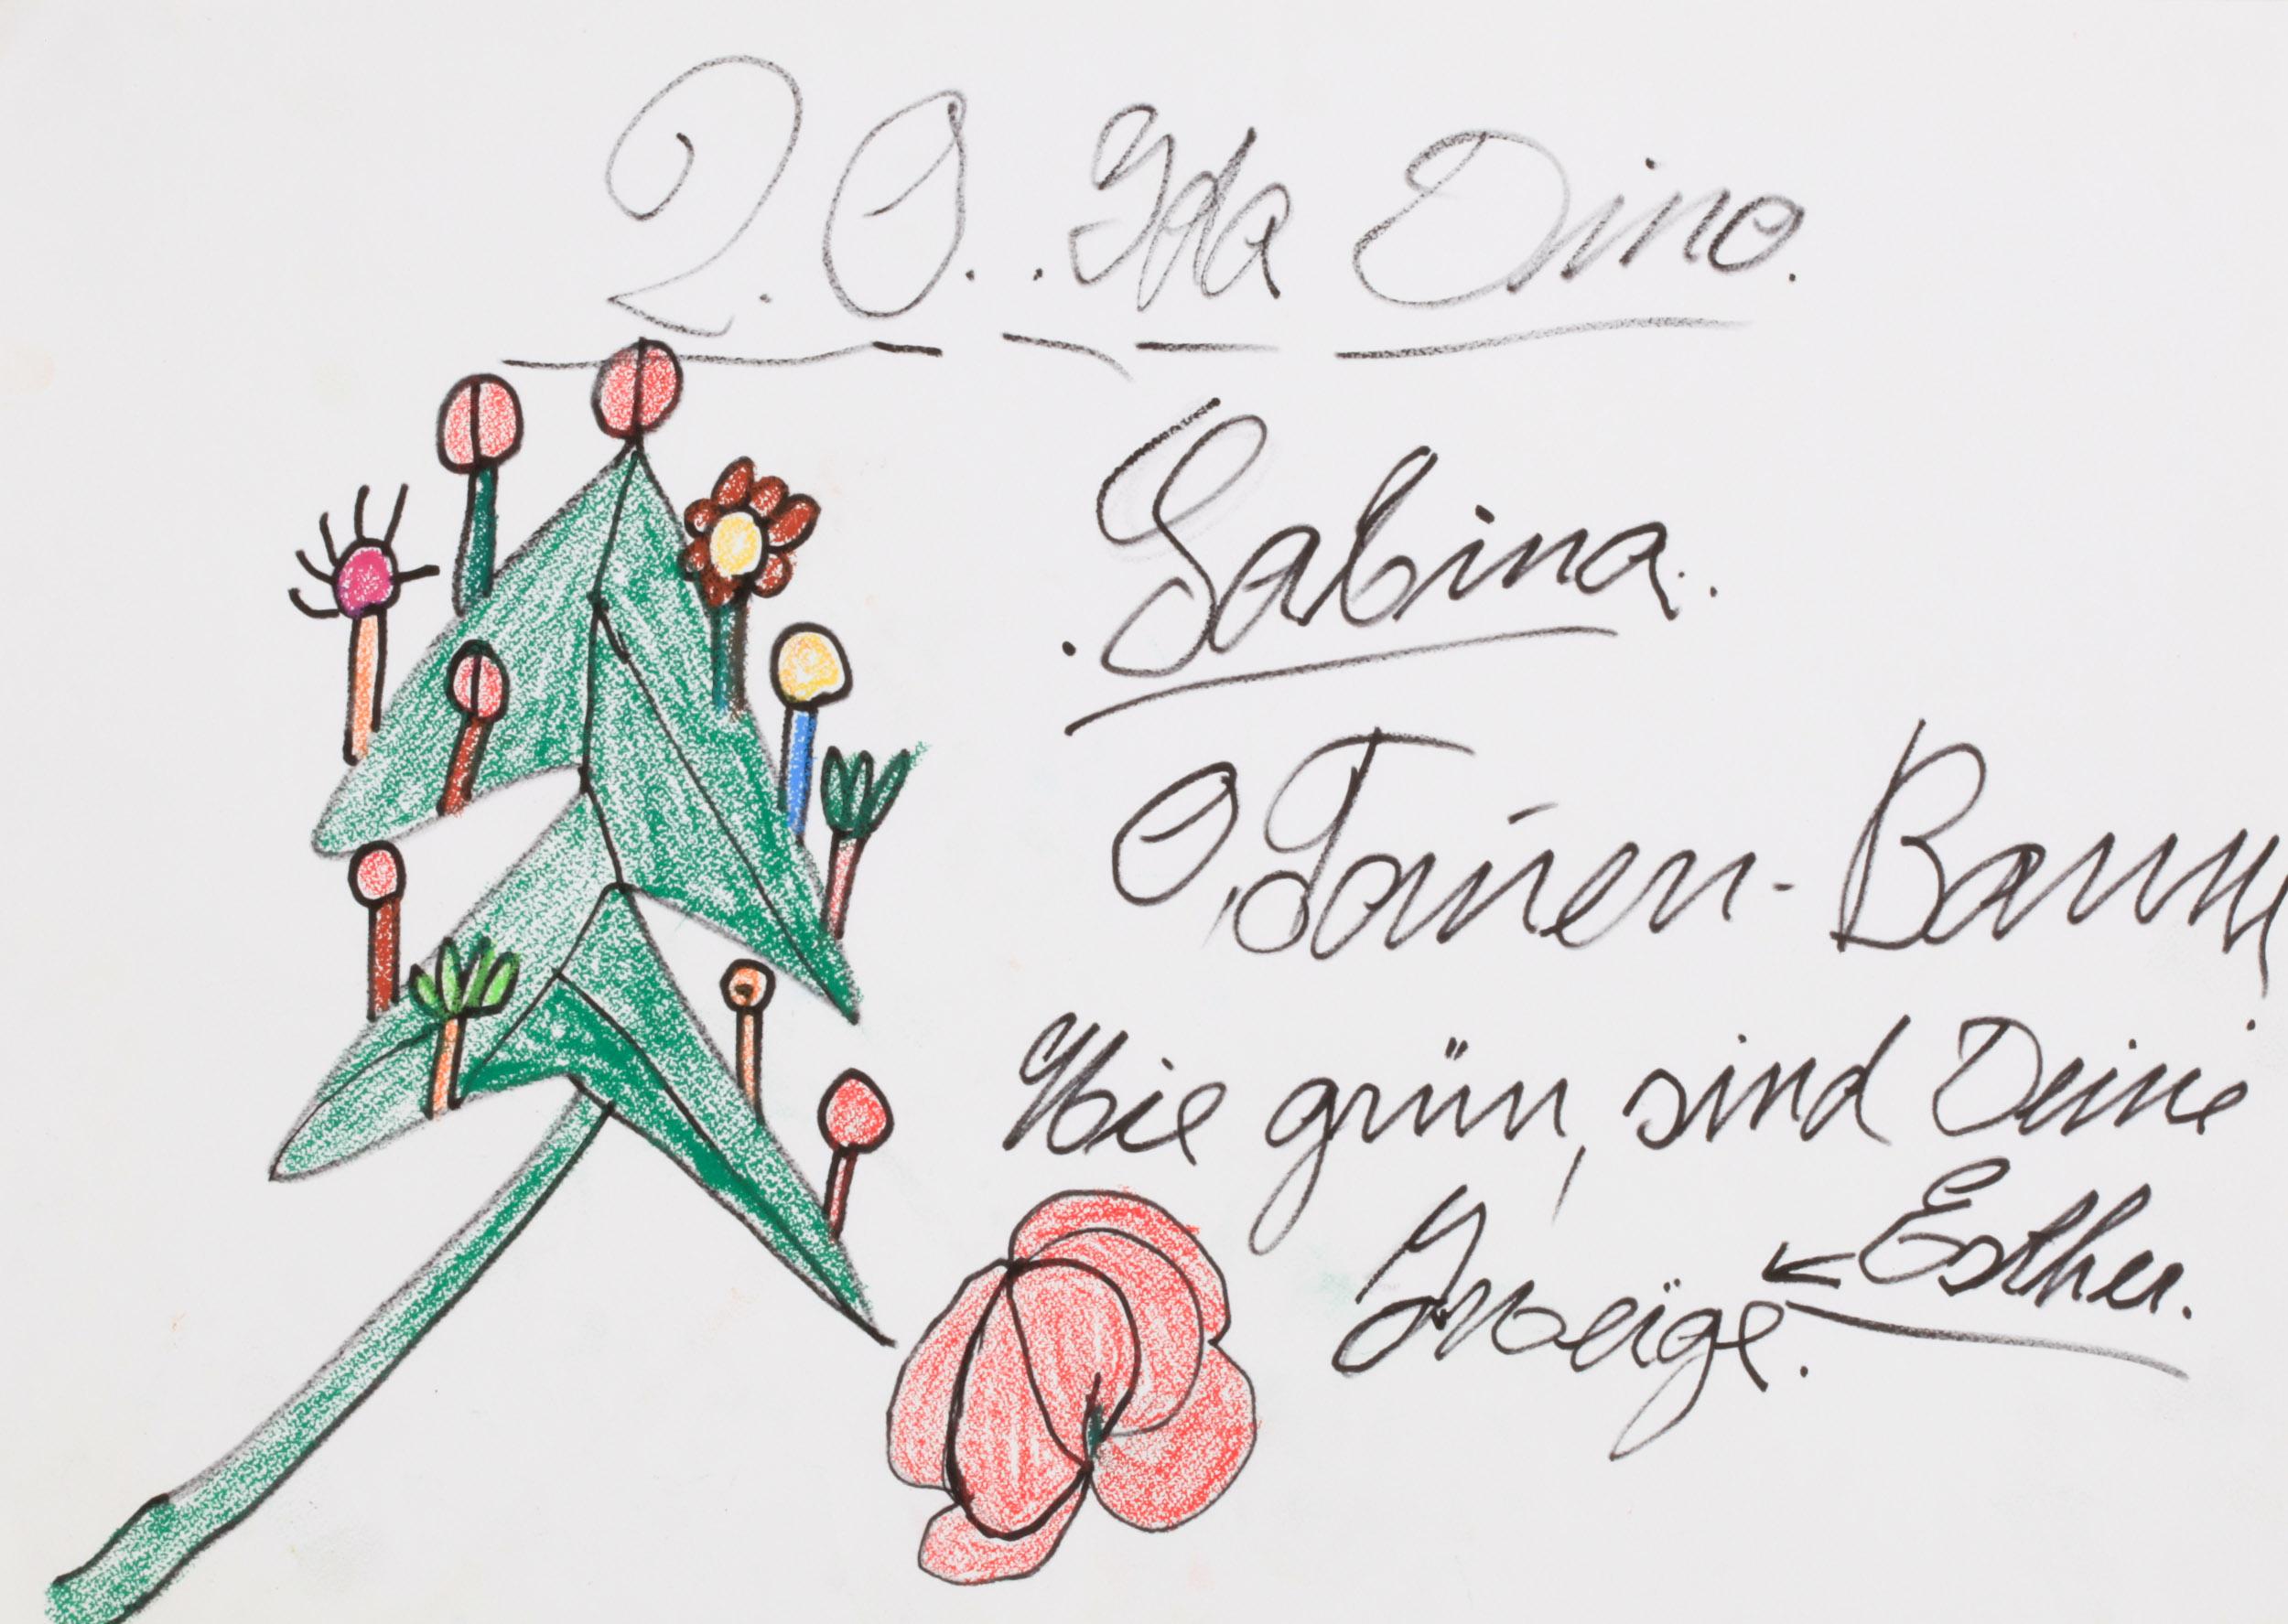 buchmann ida - O, Tannen-Baum. Wie grün, sind Deine Zweige./ Oh Christmas tree. How green are your branches